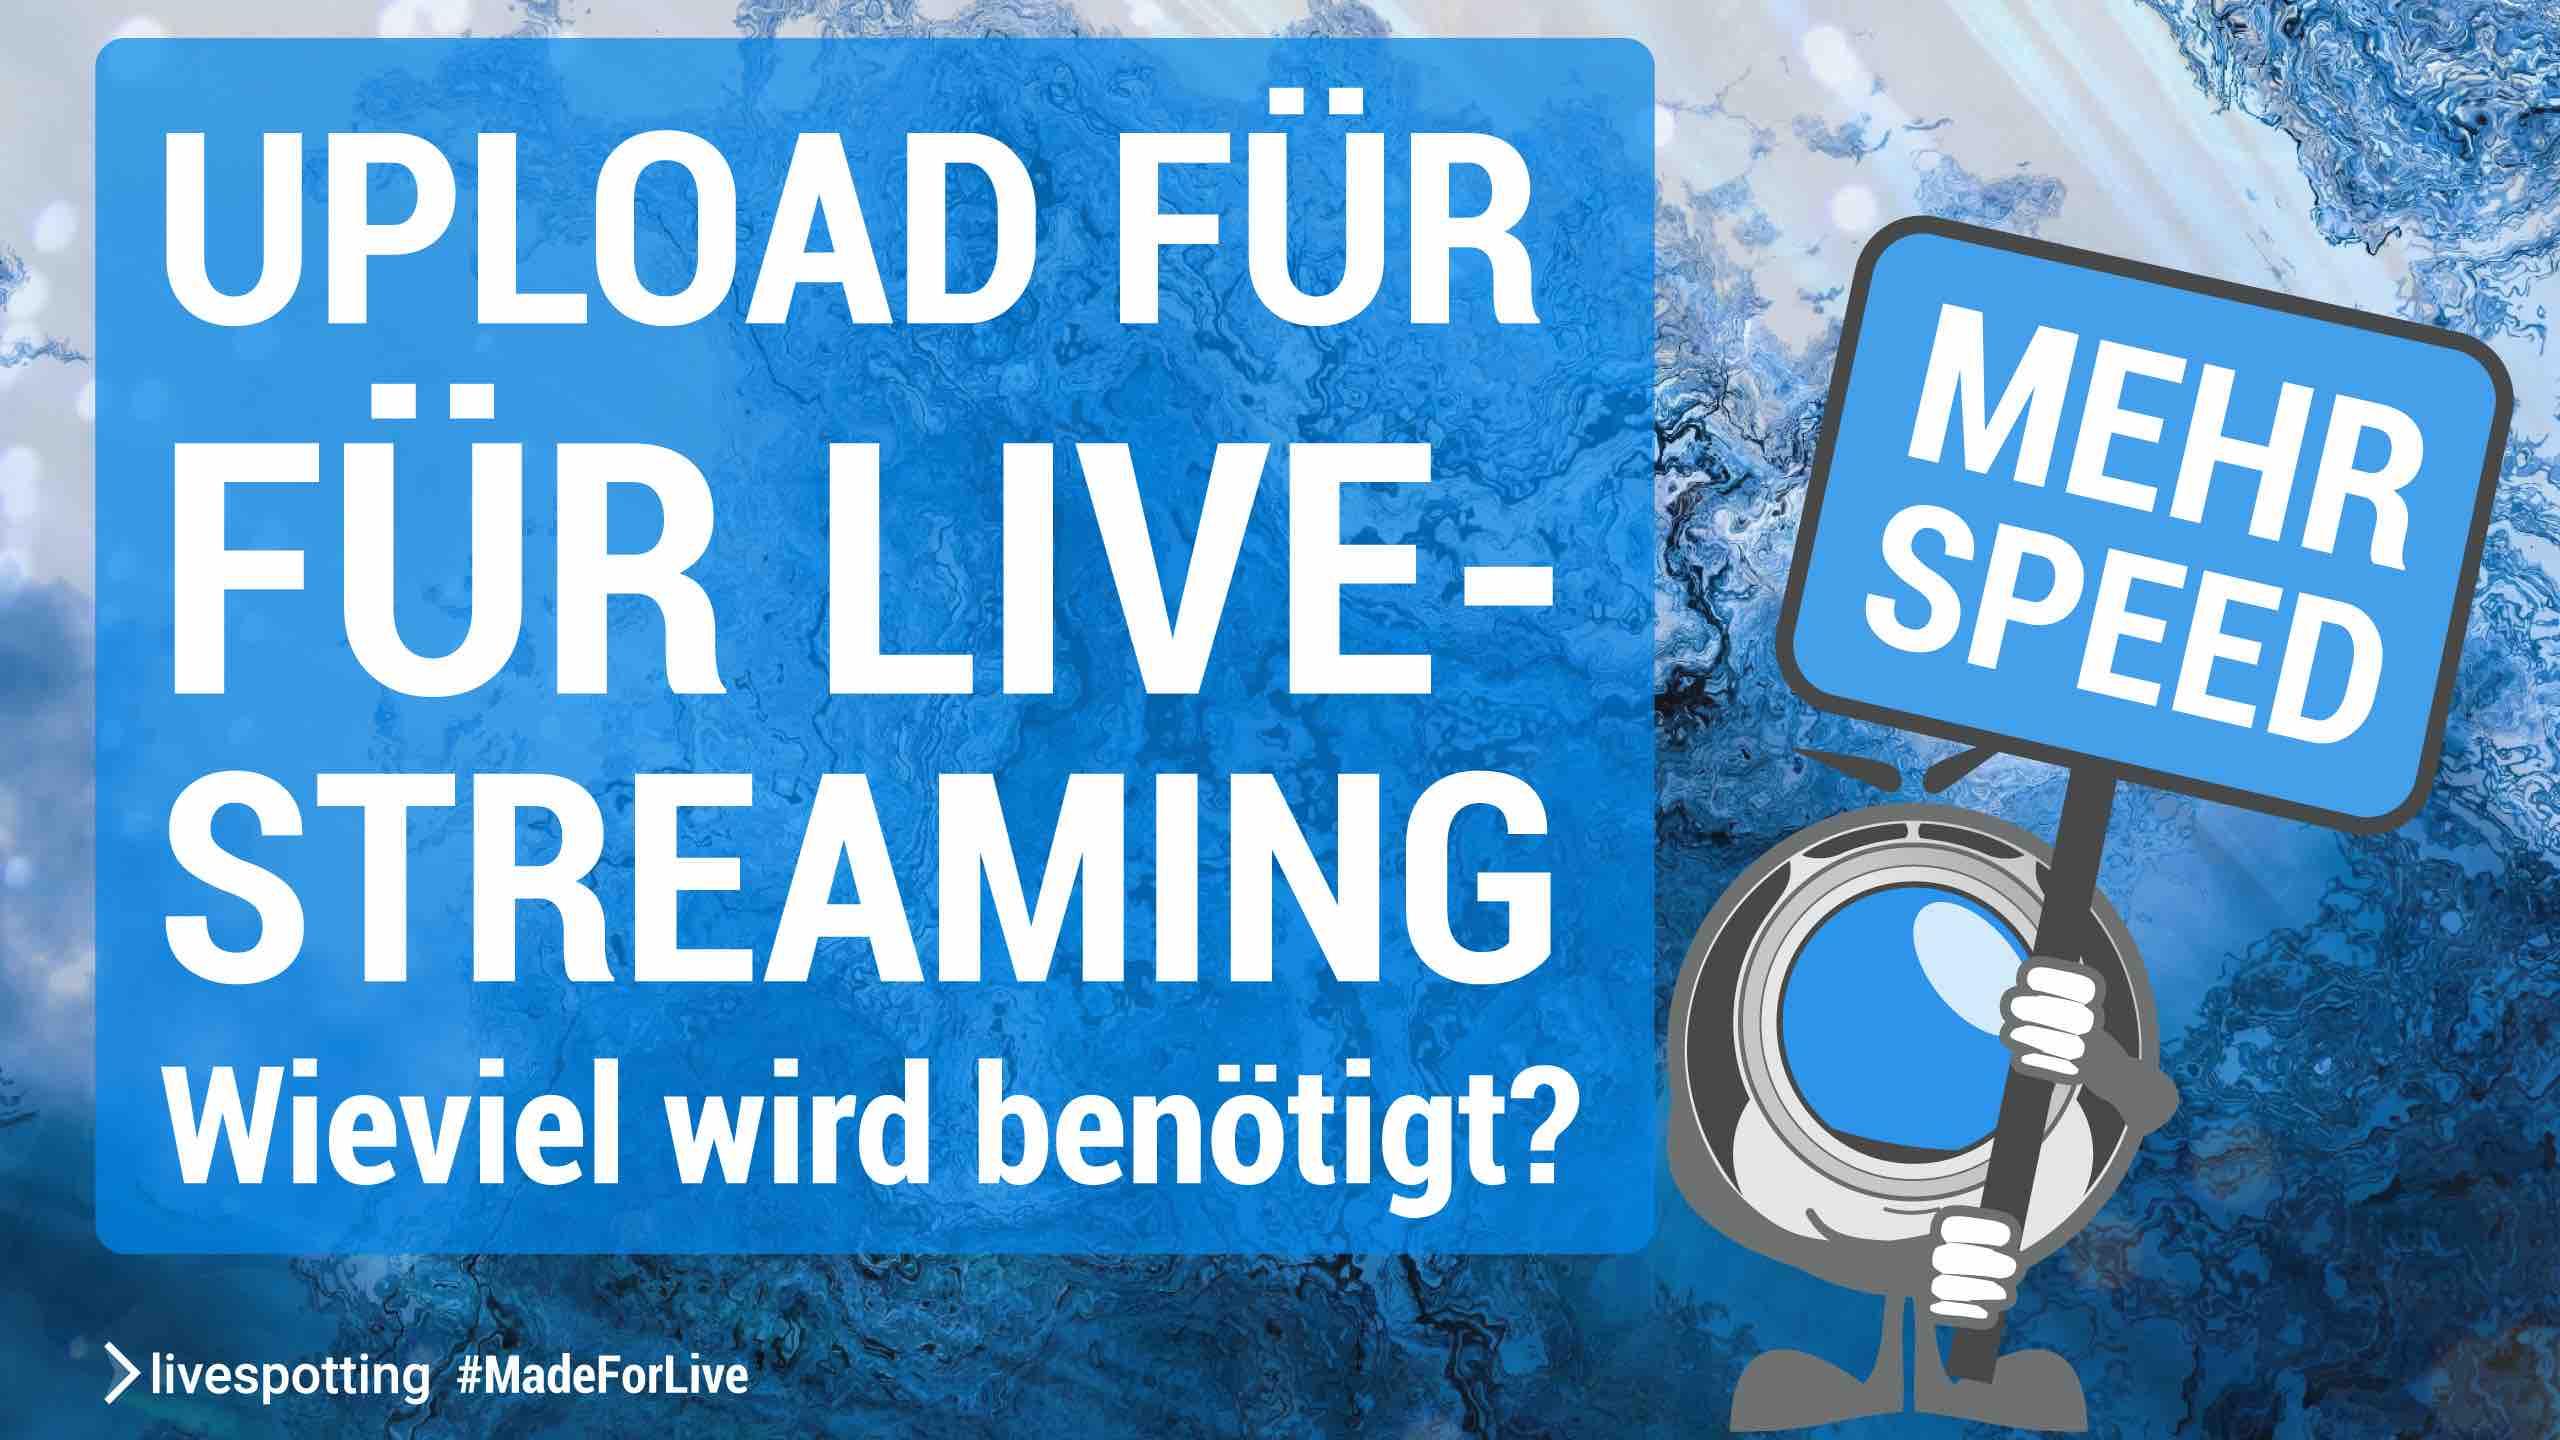 Wie viel Upload-Geschwindigkeit wird für Live-Streaming benötigt?